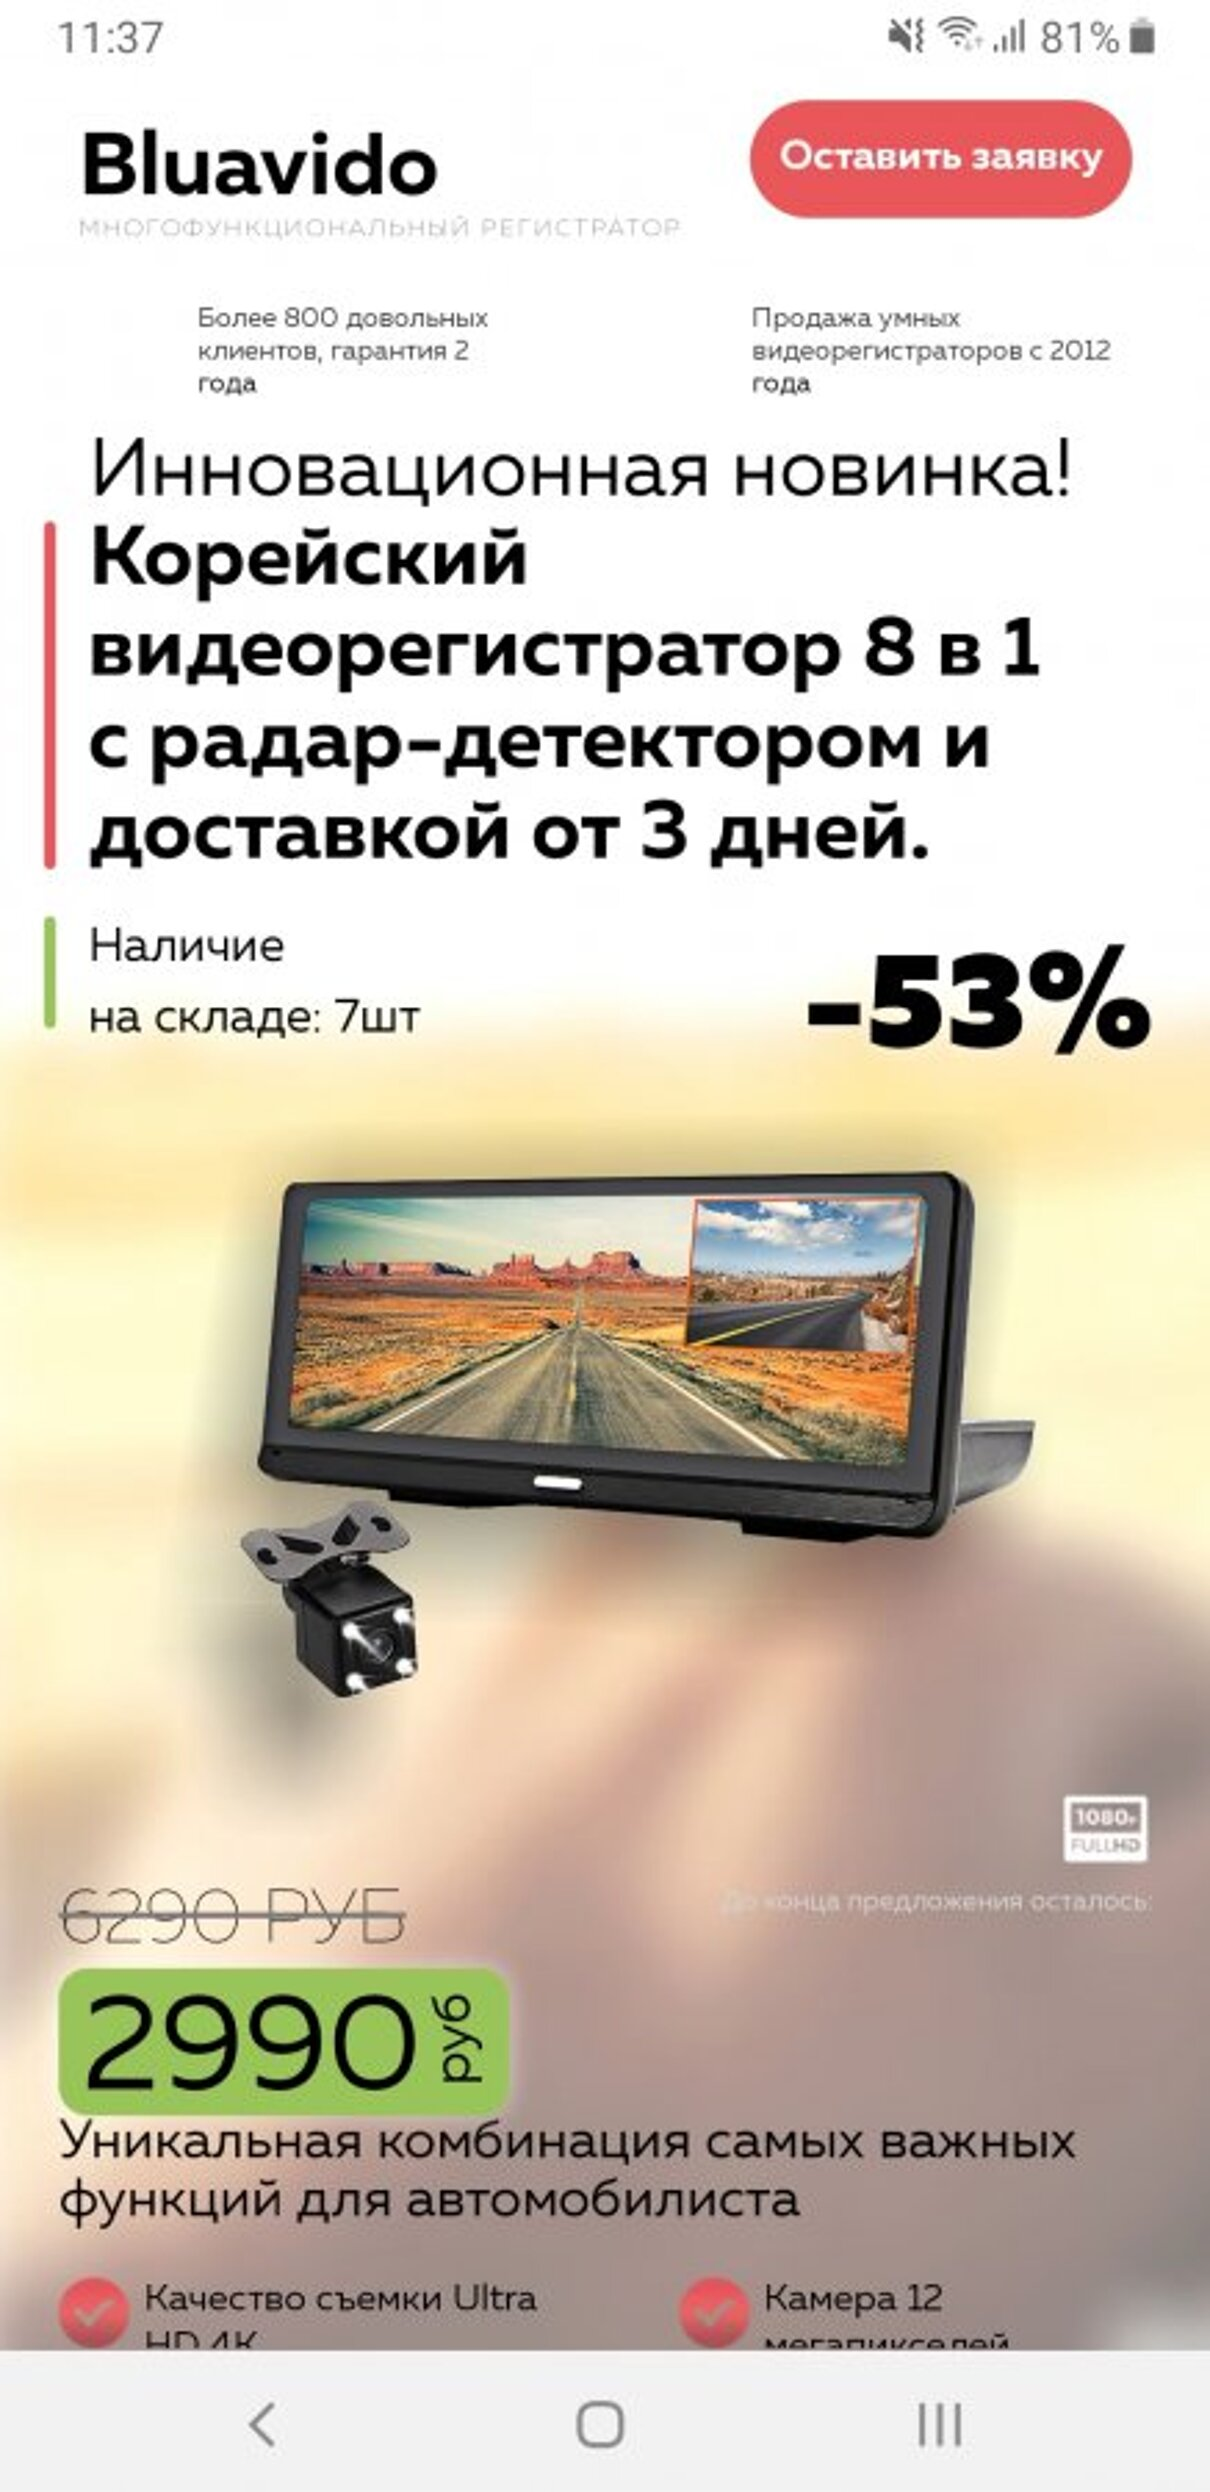 Жалоба-отзыв: ИП Горчаков В И . ОГРНИП 313695230200062 - Несоответствие заказа полученному товару.  Фото №1